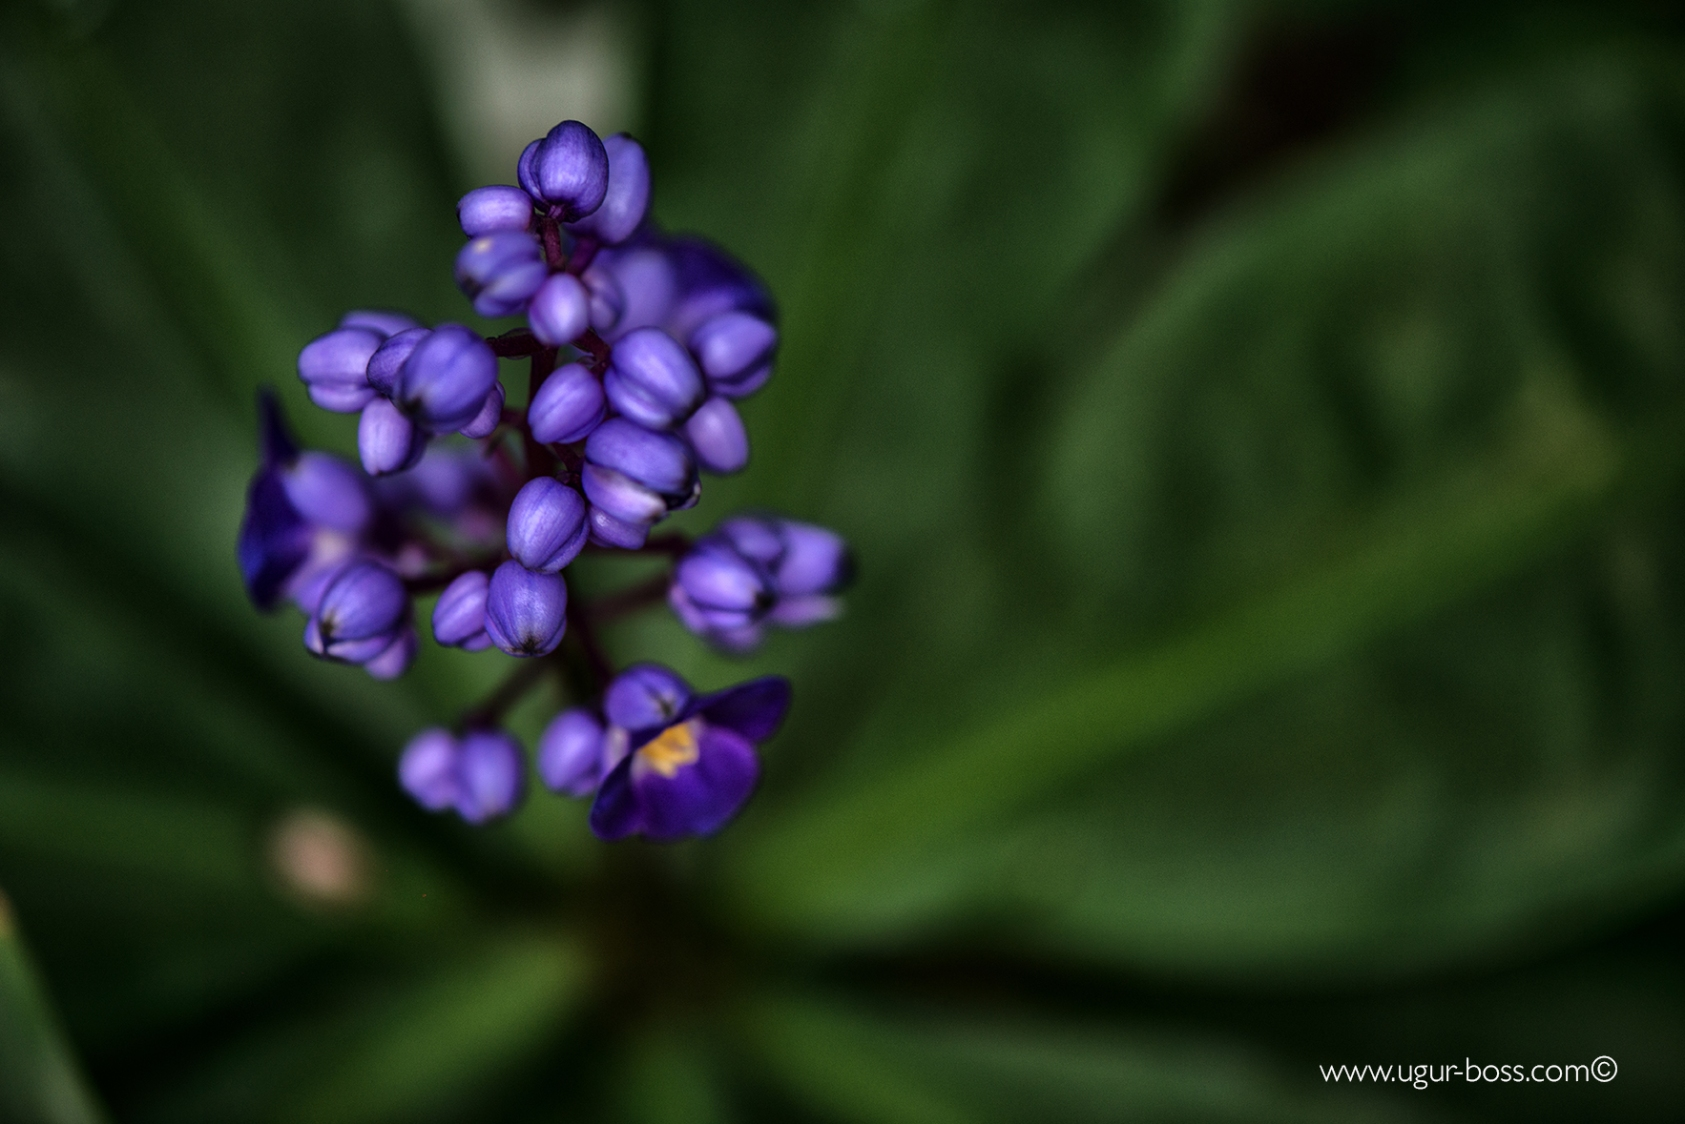 Der Botanische Garten Berlin ist ein Highlight für Pflanzenliebhaber!